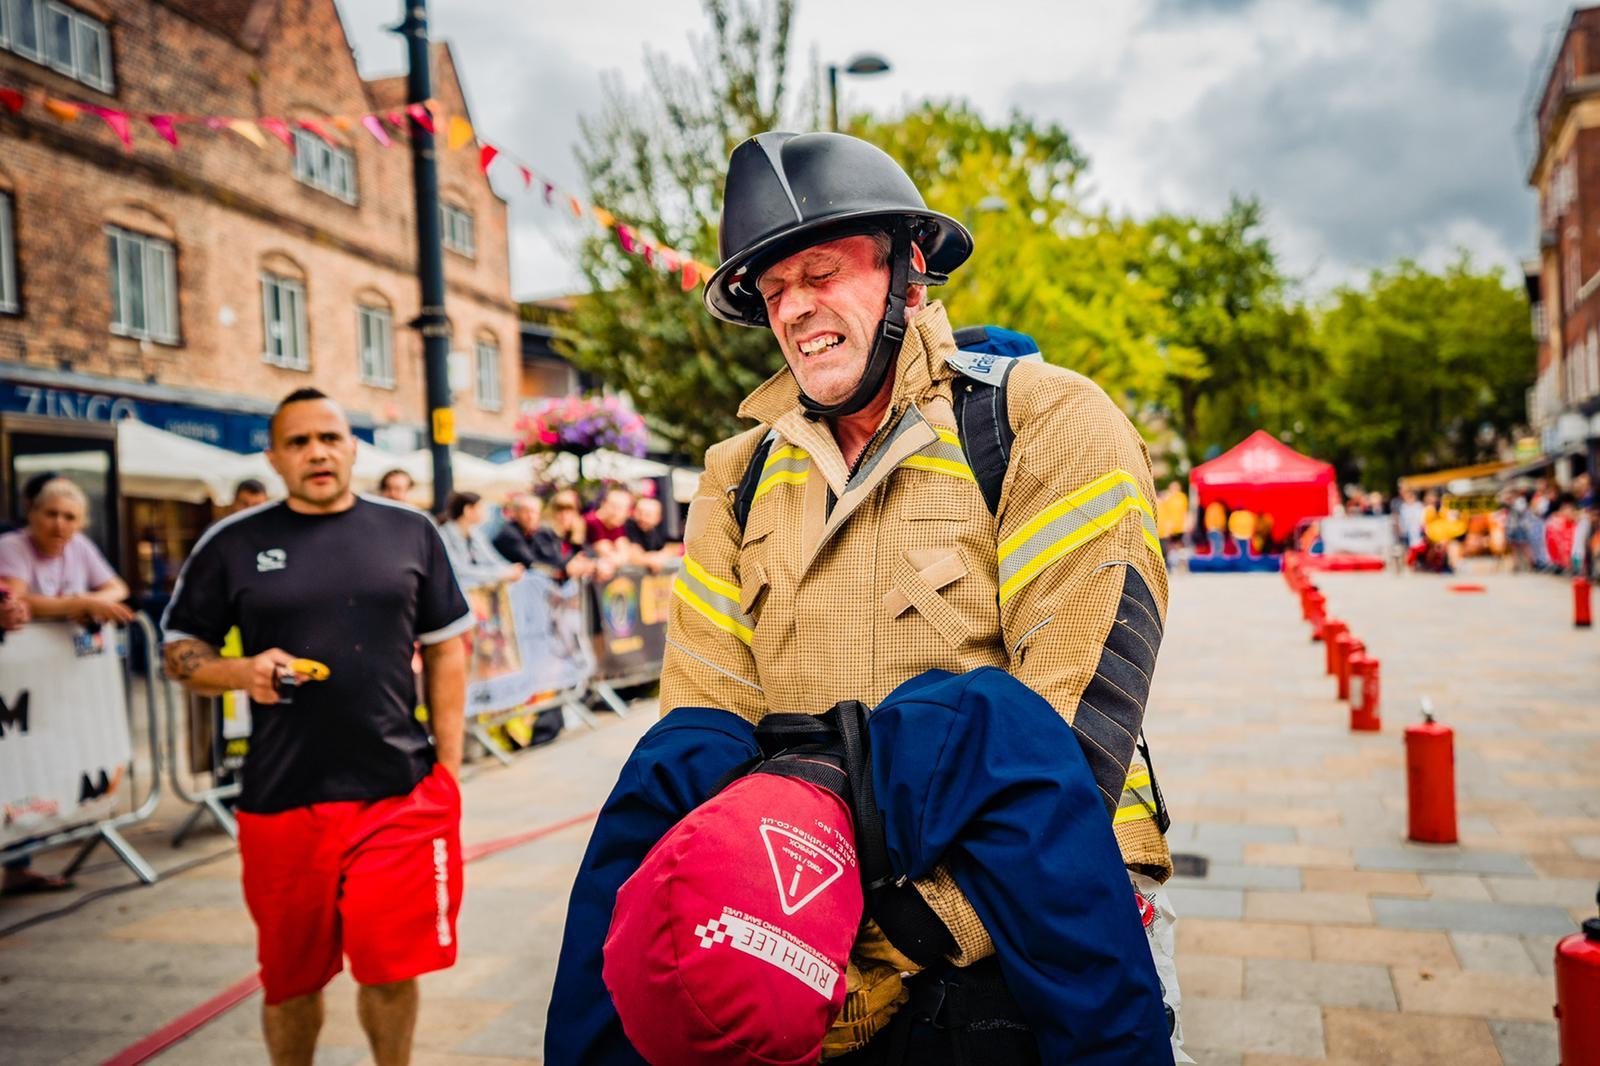 British Firefighter Challenge